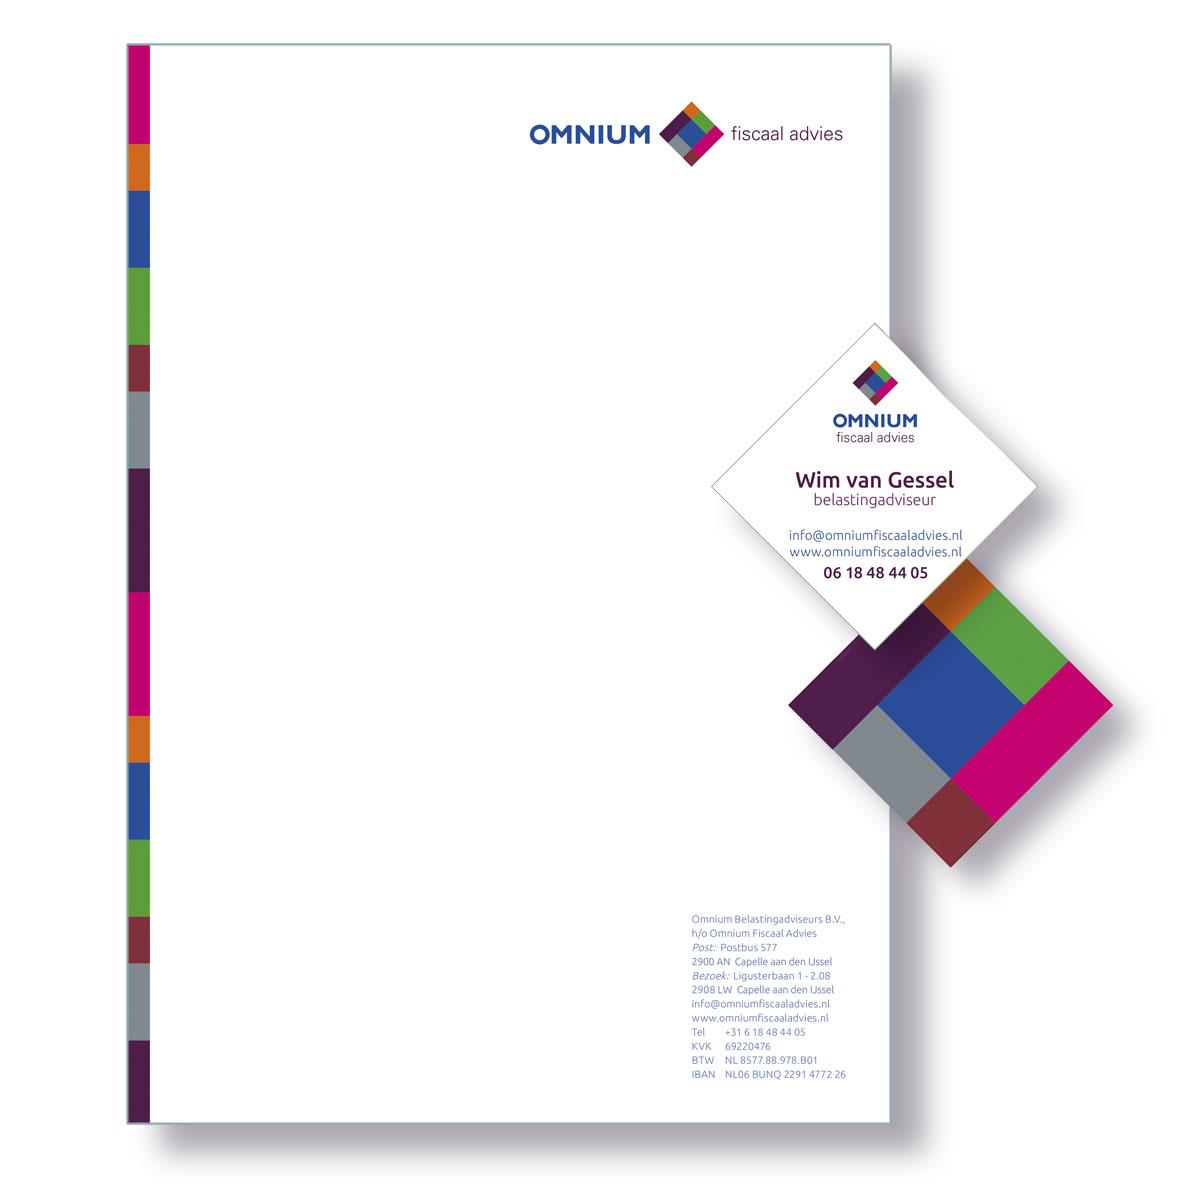 Omnium-visitekaart-briefpapier